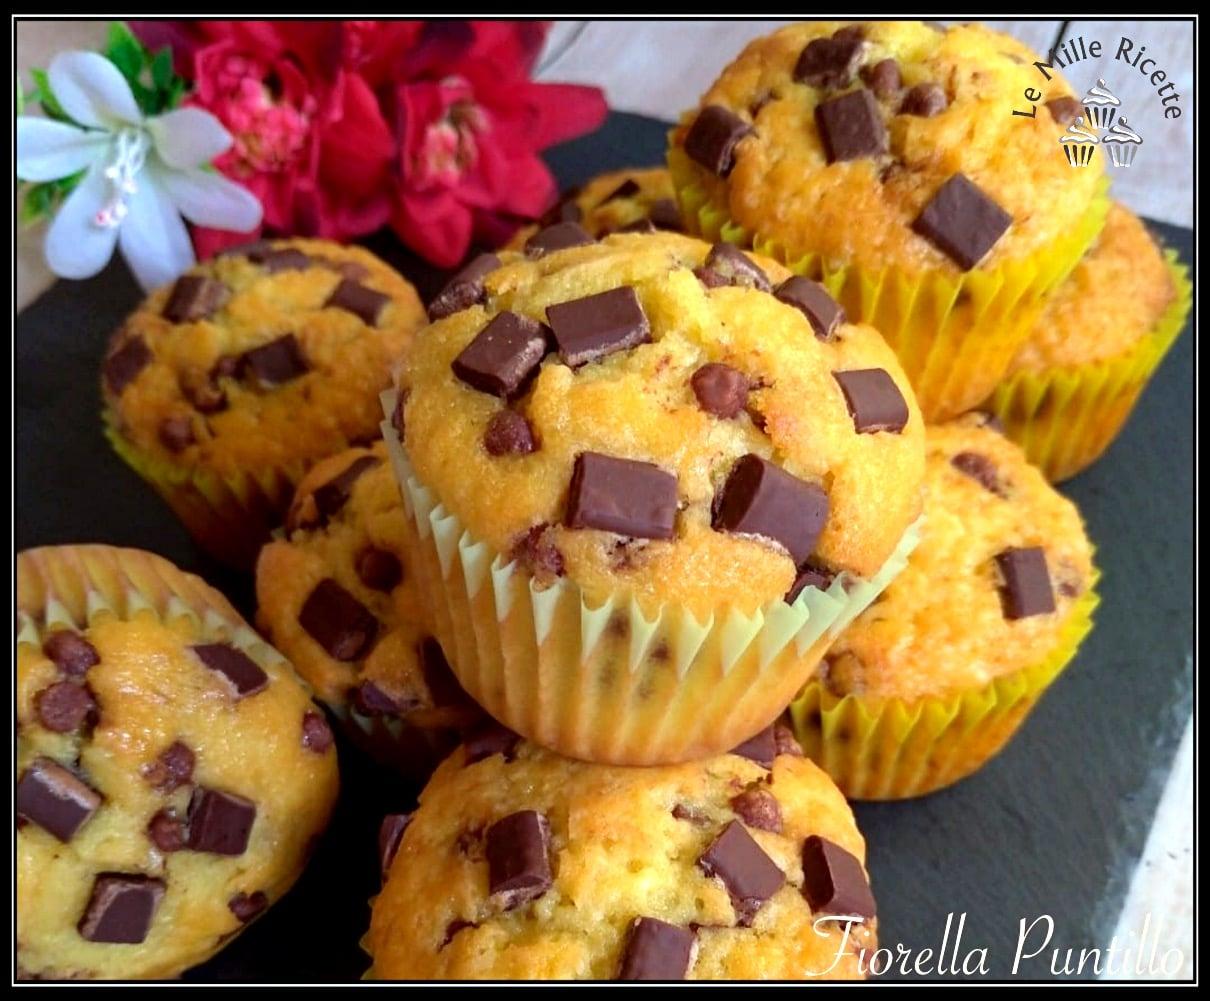 Ricetta Muffin Con Gocce Di Cioccolato.Muffin Con Gocce Di Cioccolato Quadrate Cosi Soffici Non Li Hai Mai Mangiati